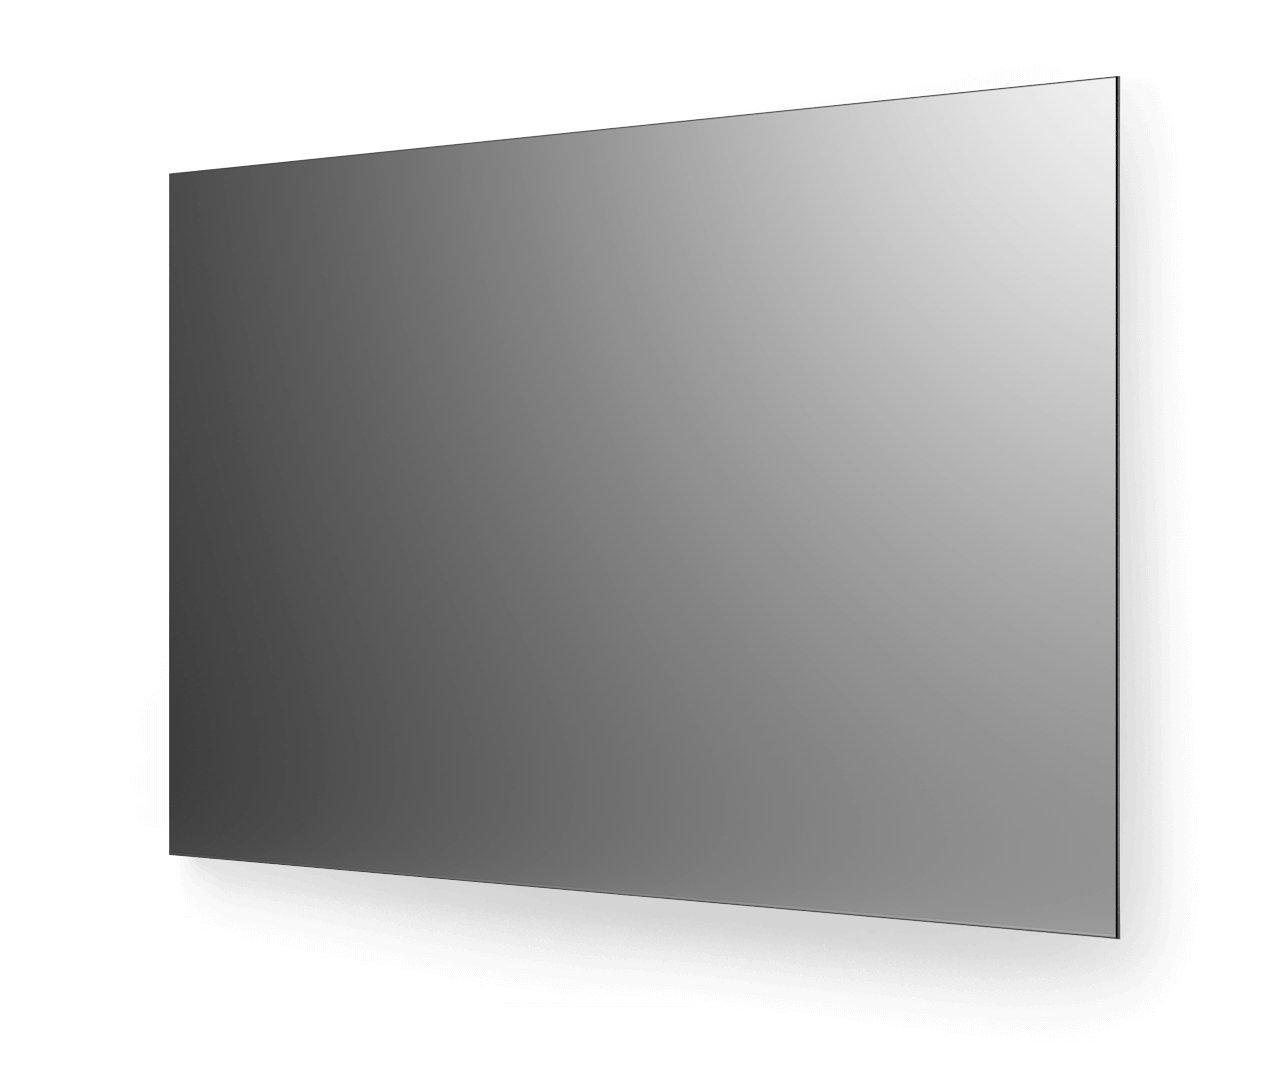 Spiegelando KRISTALLSPIEGEL rechteckig - individuell nach Maß auswählen - Made in Germany - 5 Jahre Garantie - Auswahl  (Breite) 100 cm x (Höhe) 80 cm